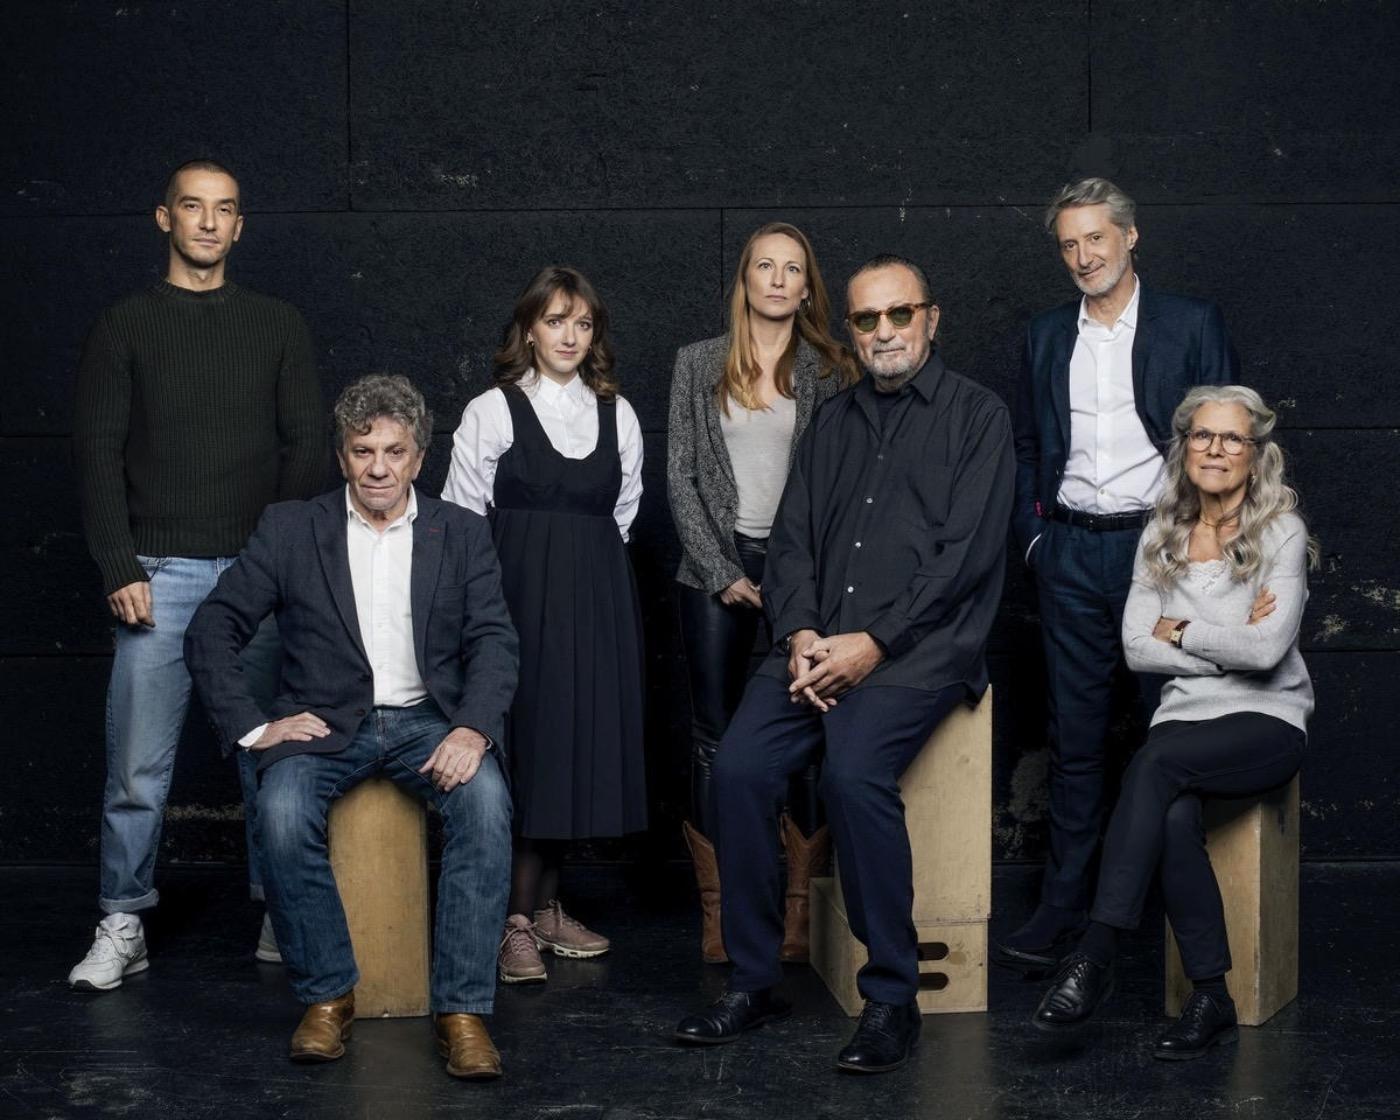 Profession photographe, Canal+, lundi 19 avril 2021